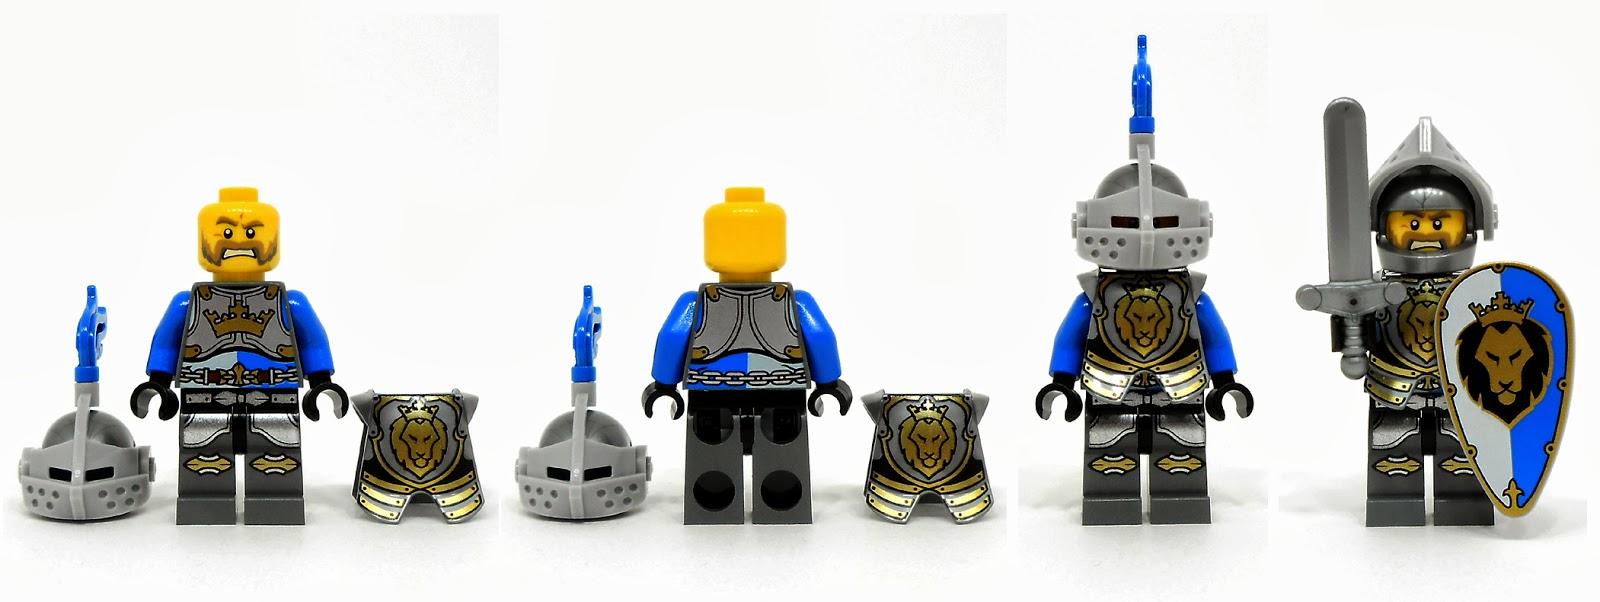 Oz Brick Nation Lego Castle 70404 Kings Castle Review